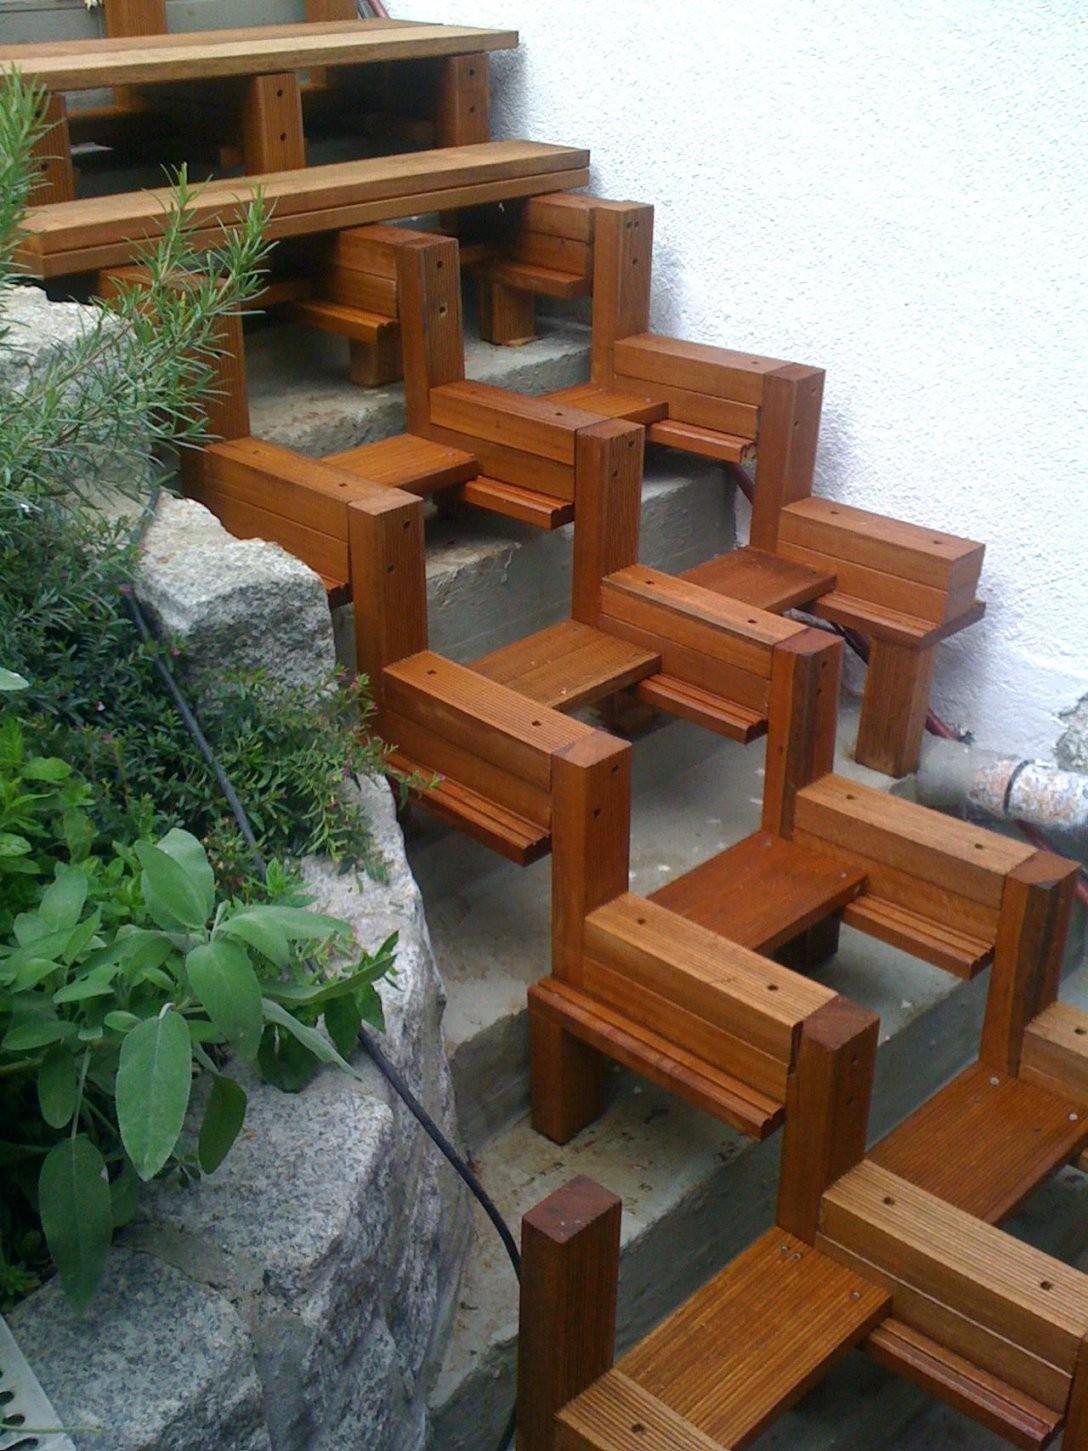 Aussentreppe Bauen Terrasse Treppe Selbst Holz Lassen Mit Einfachen von Terrasse Treppe Selber Bauen Bild